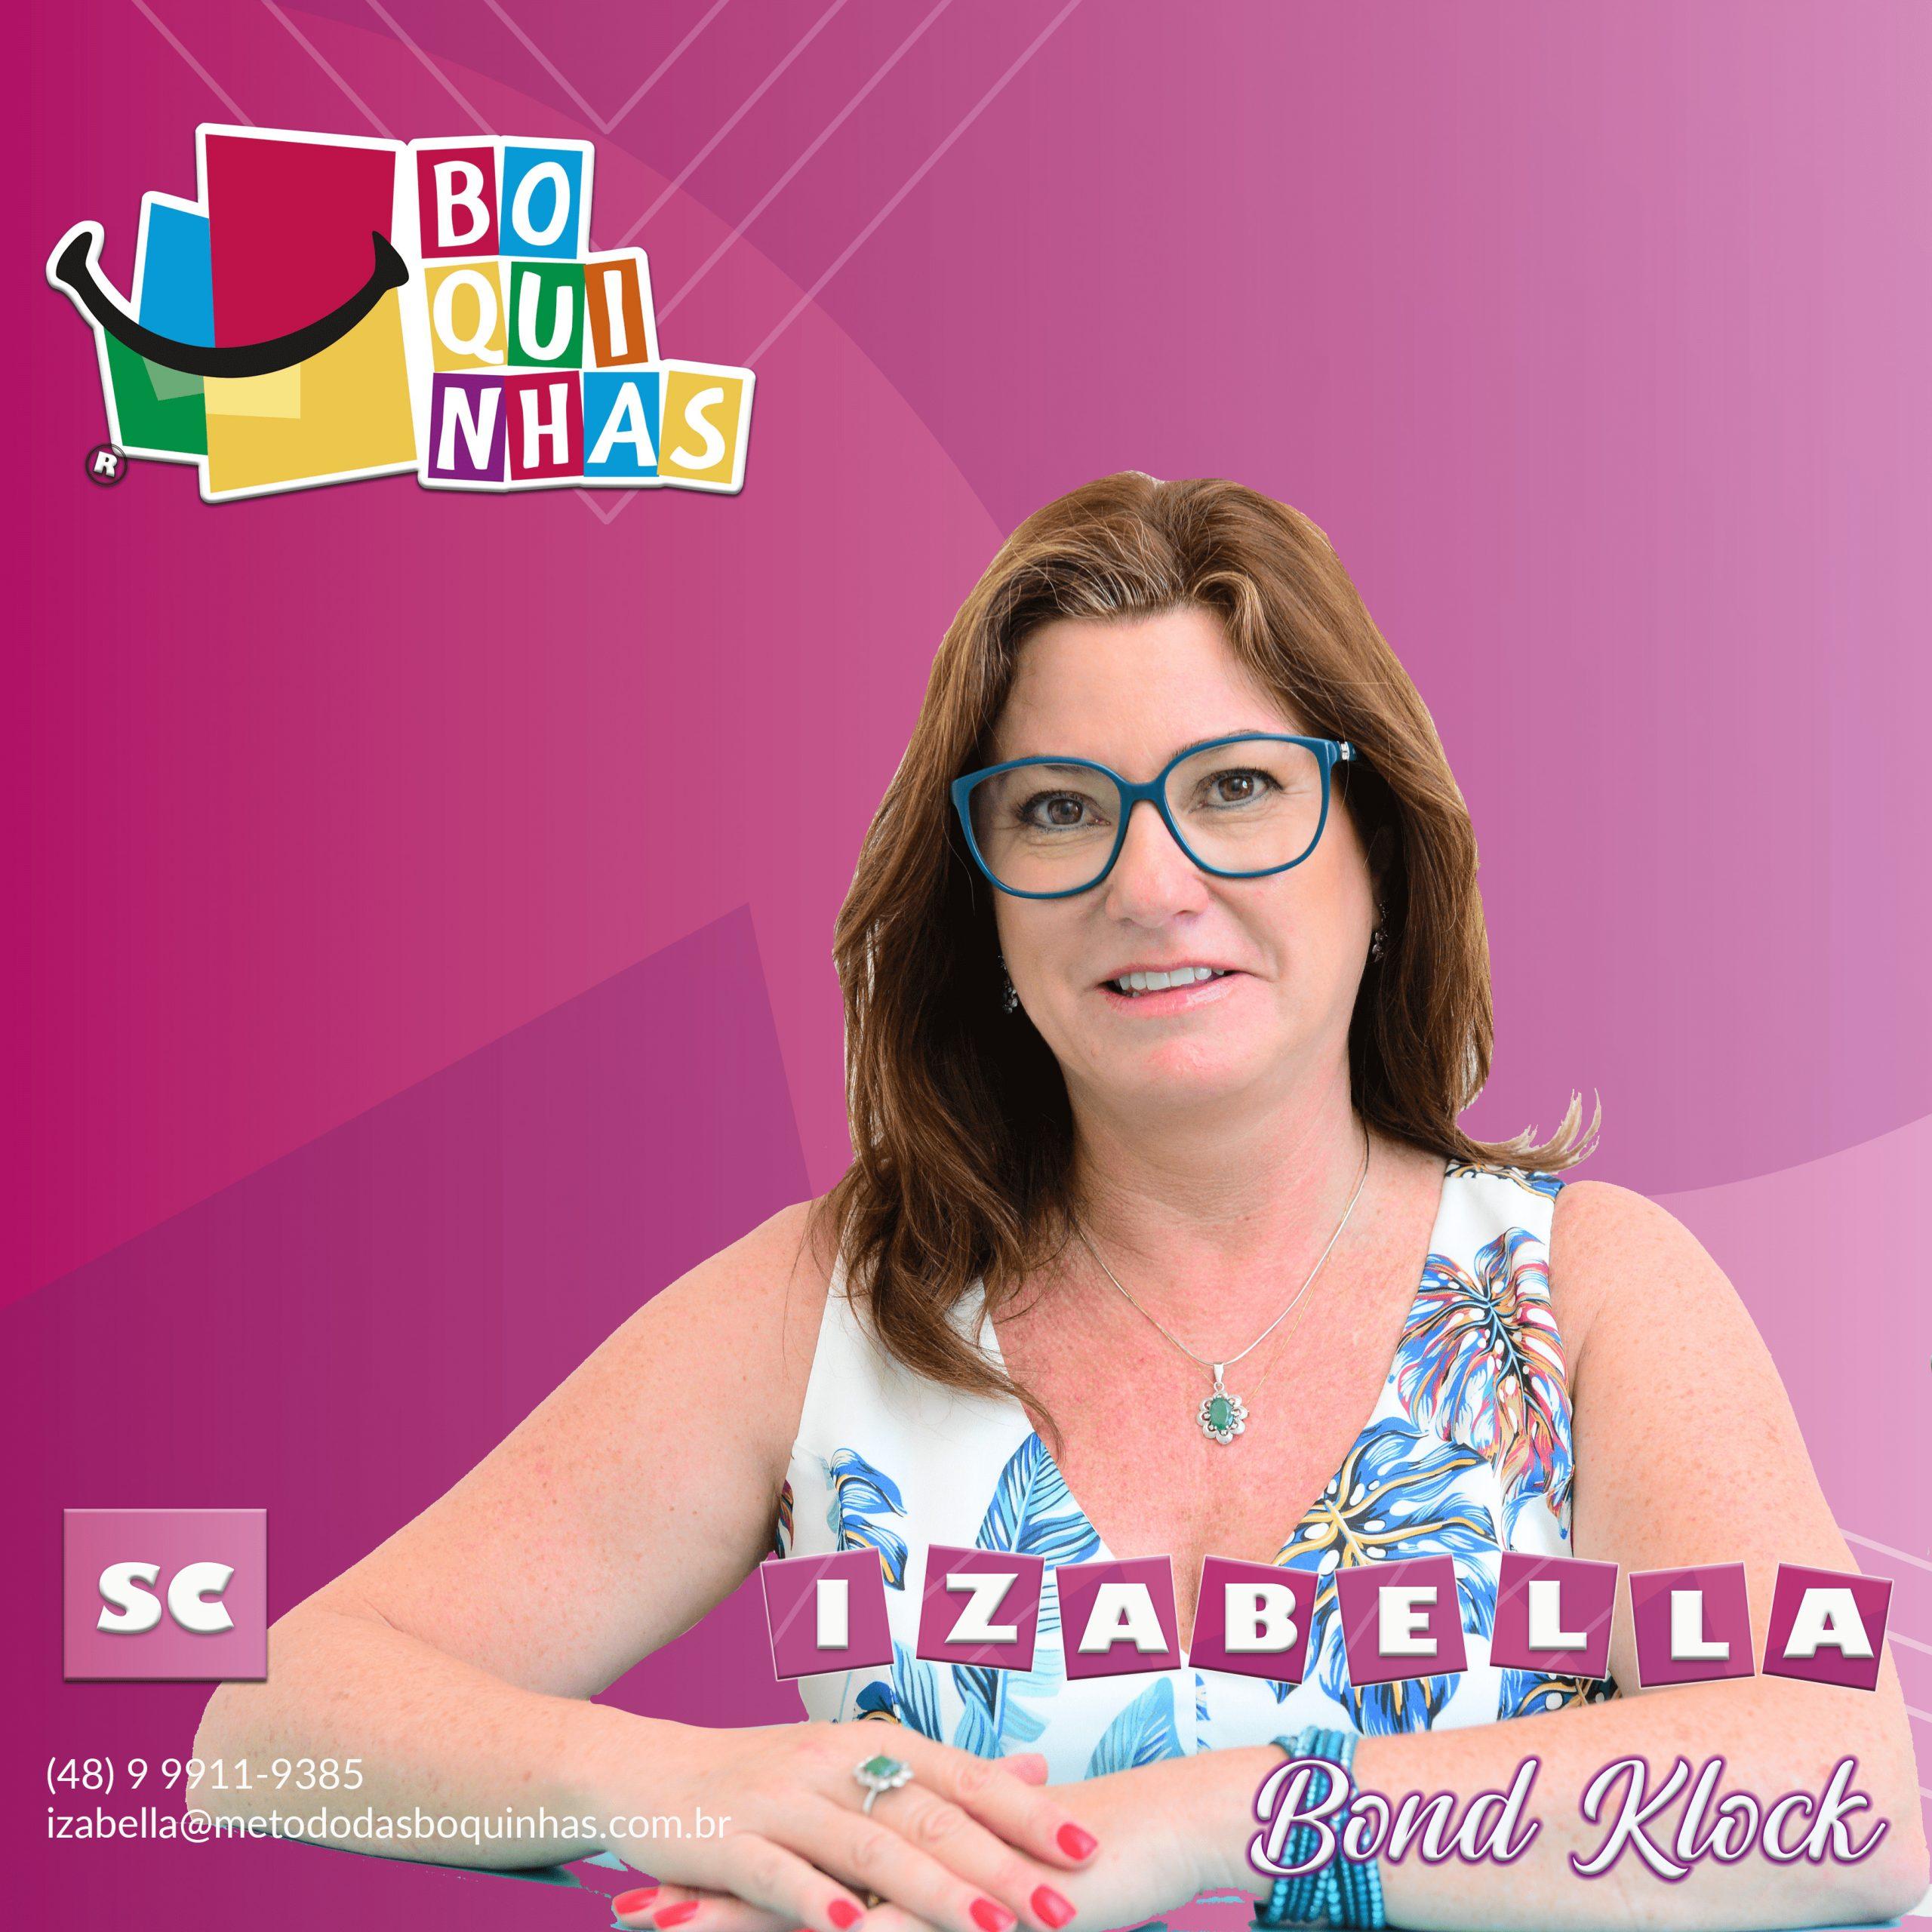 IZABELA DE CÁSSIA SOTTOMAIR BOND KLOCK